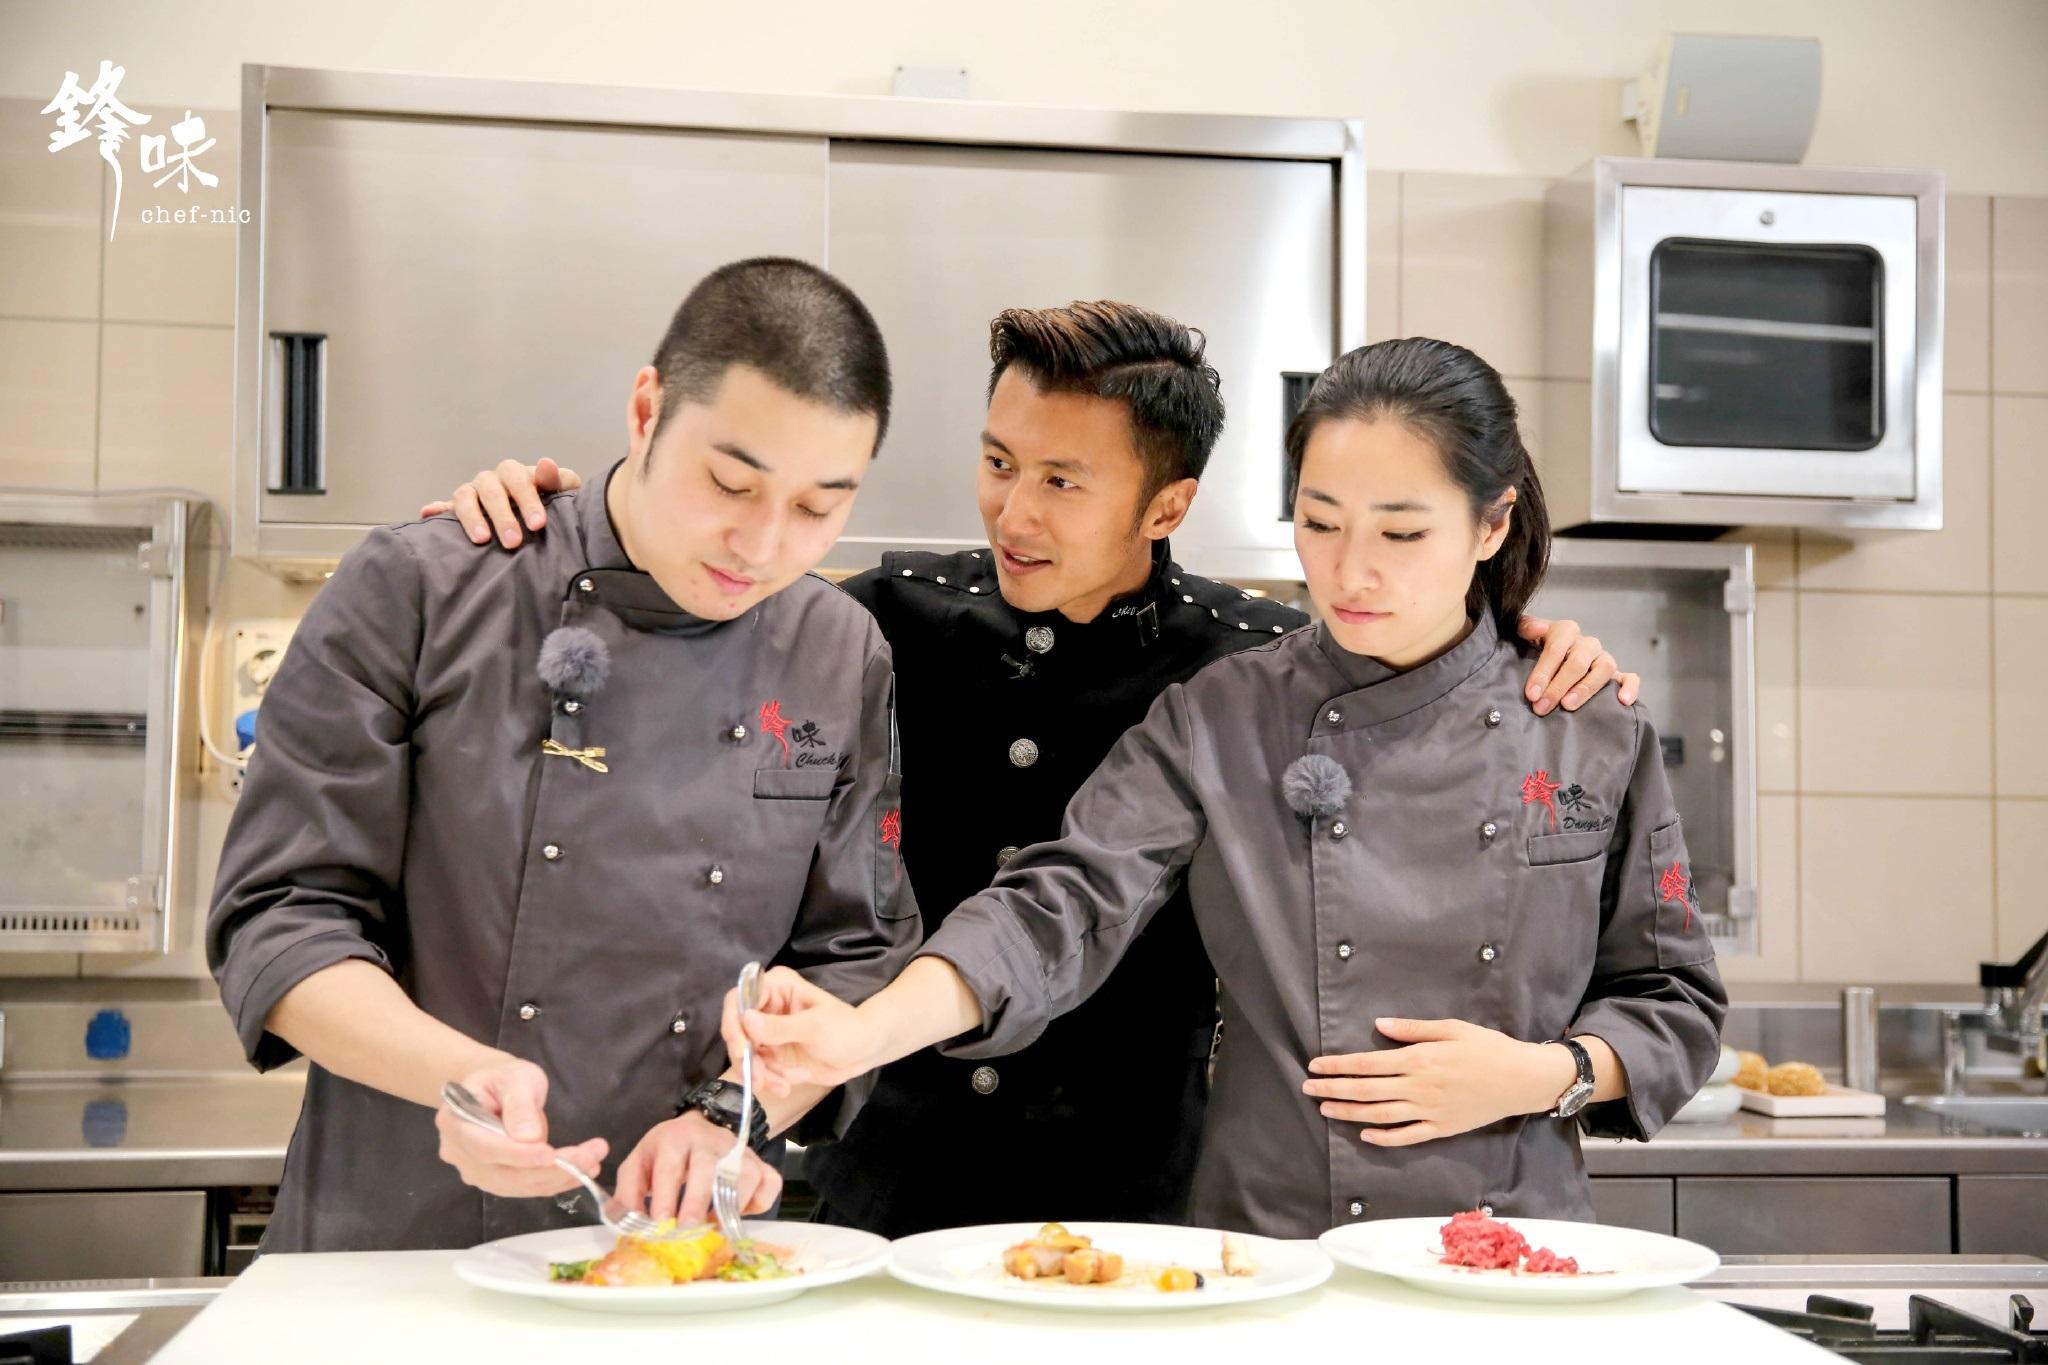 此外,锋厨杨北川还将为现场观众带来在《锋味》节目中因清爽甘甜口感